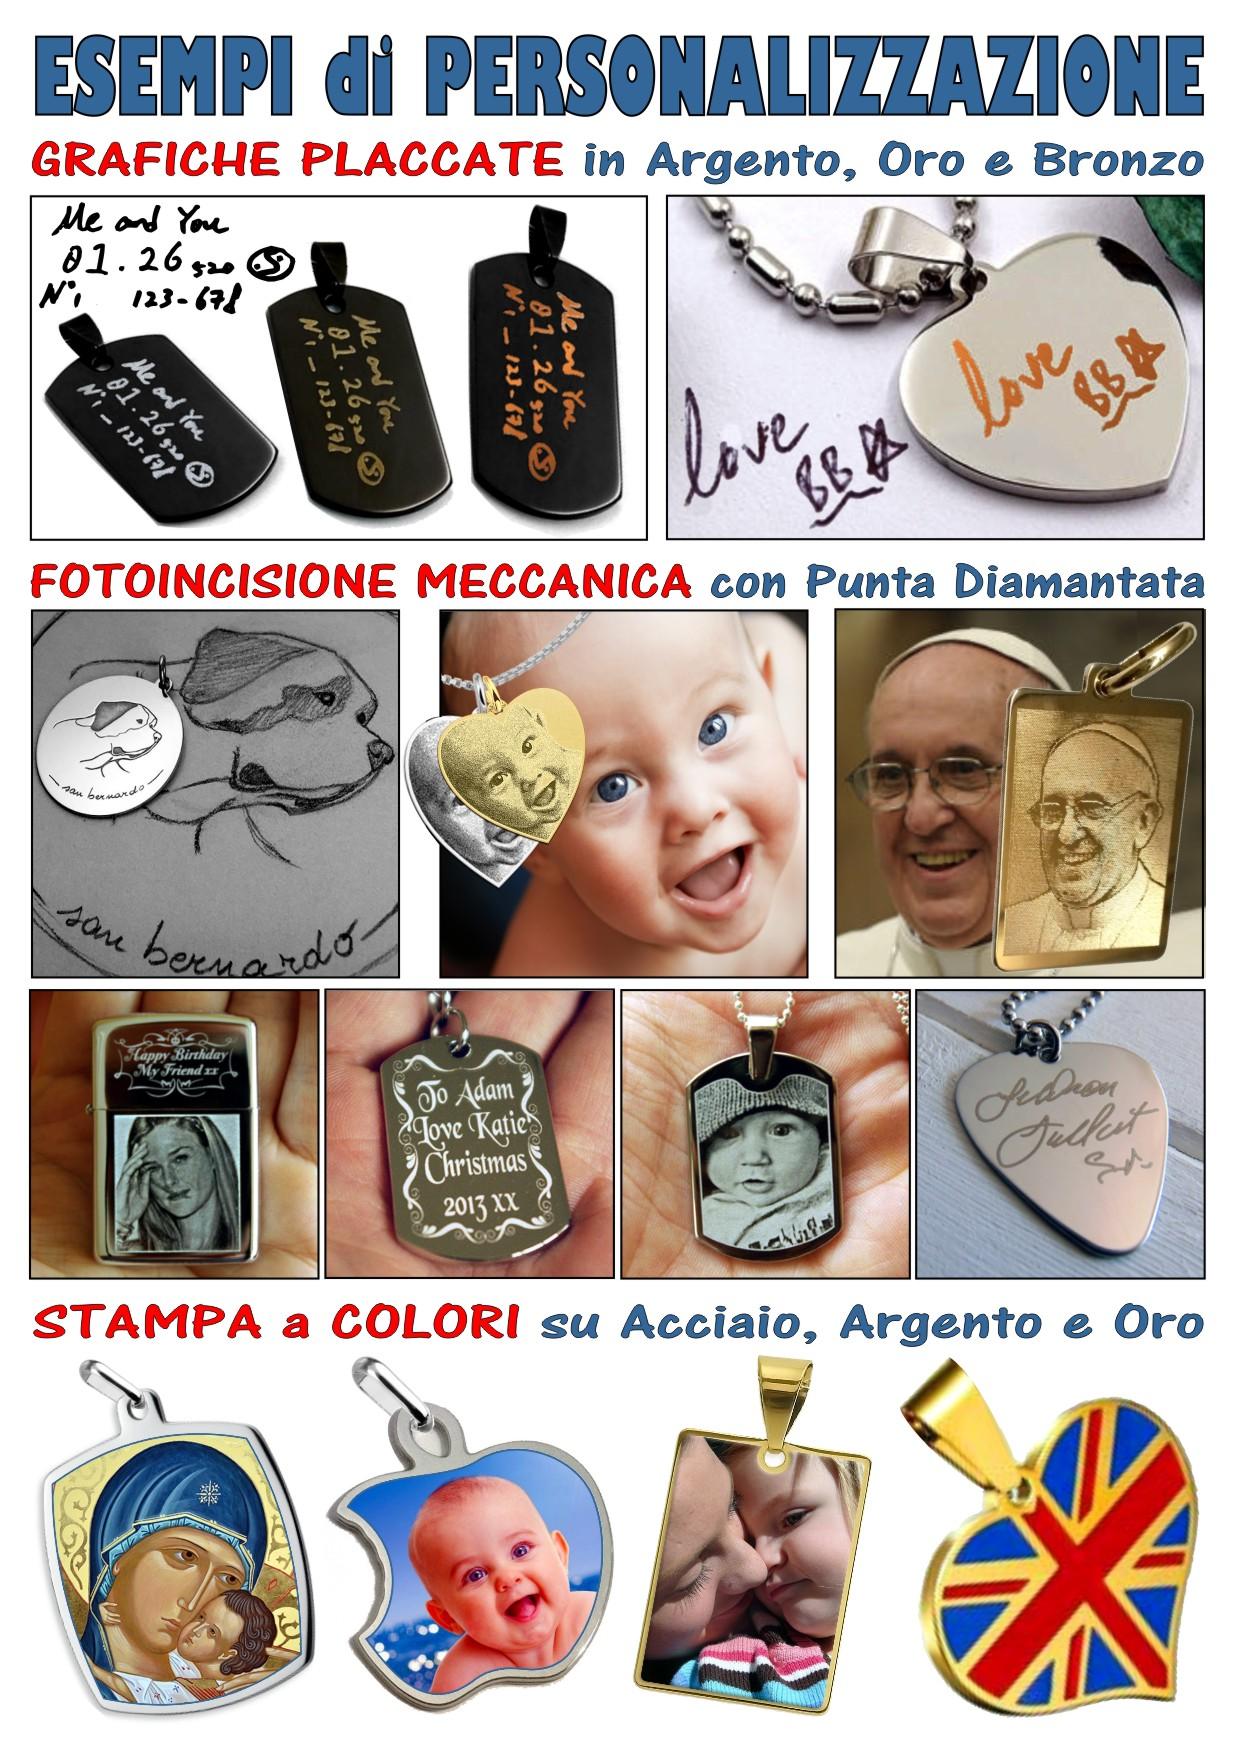 espositore catalogo personalizzazione a colori. incisione, fotoincisione, medaglie, pendenti, ciondoli e gadget acciaio, argento, oro da personalizzare, incidere, stampare